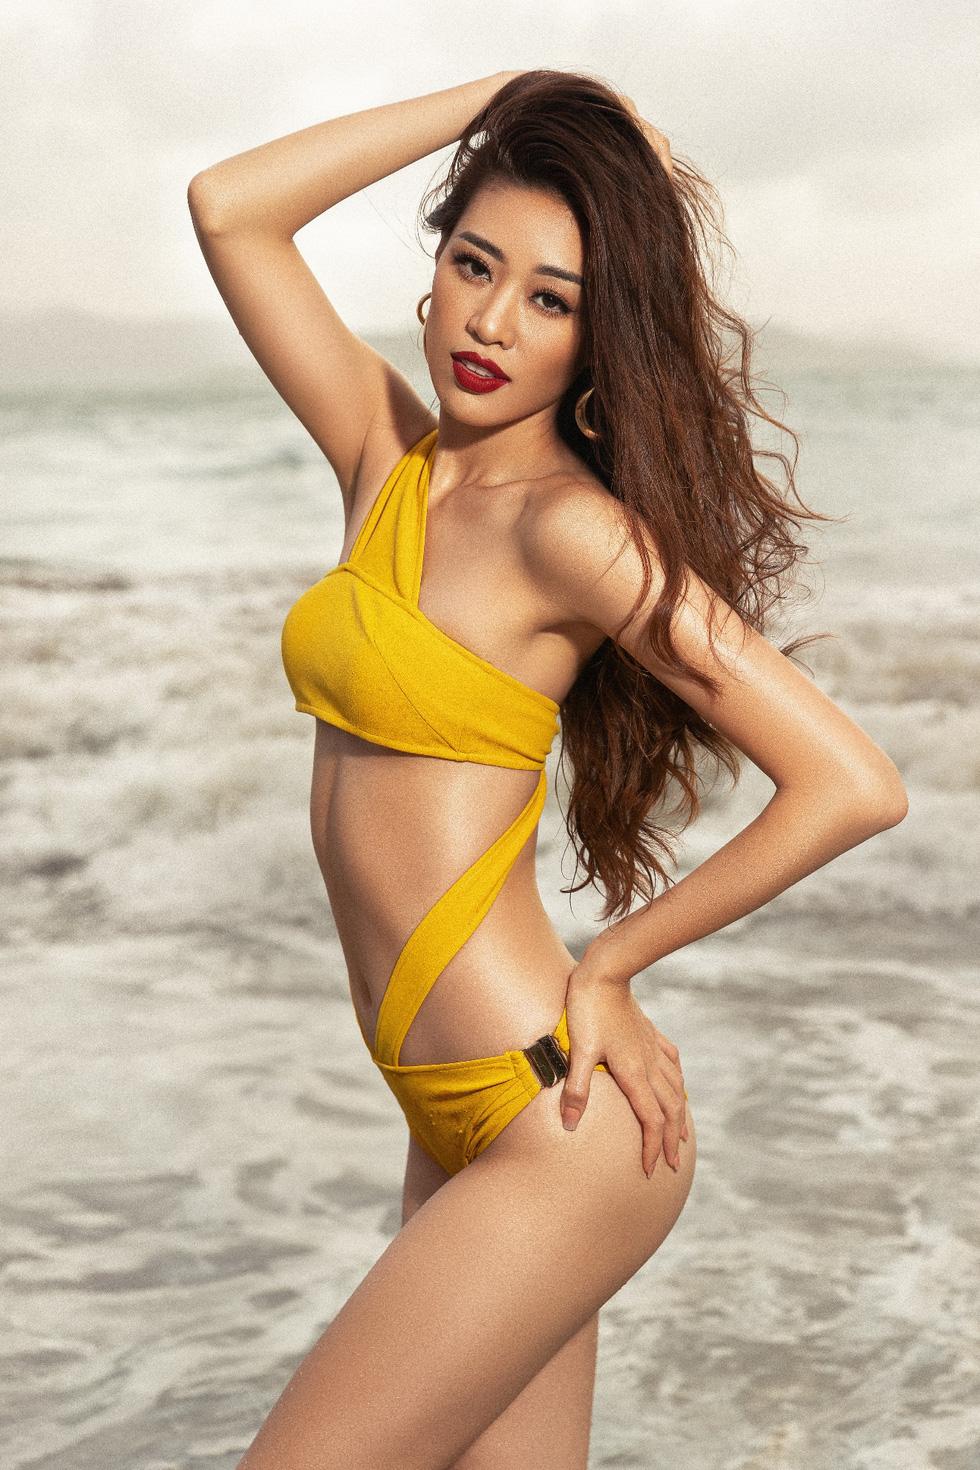 Tân Hoa hậu Hoàn vũ Việt Nam 2019 và hành trình chinh phục vương miện - Ảnh 3.